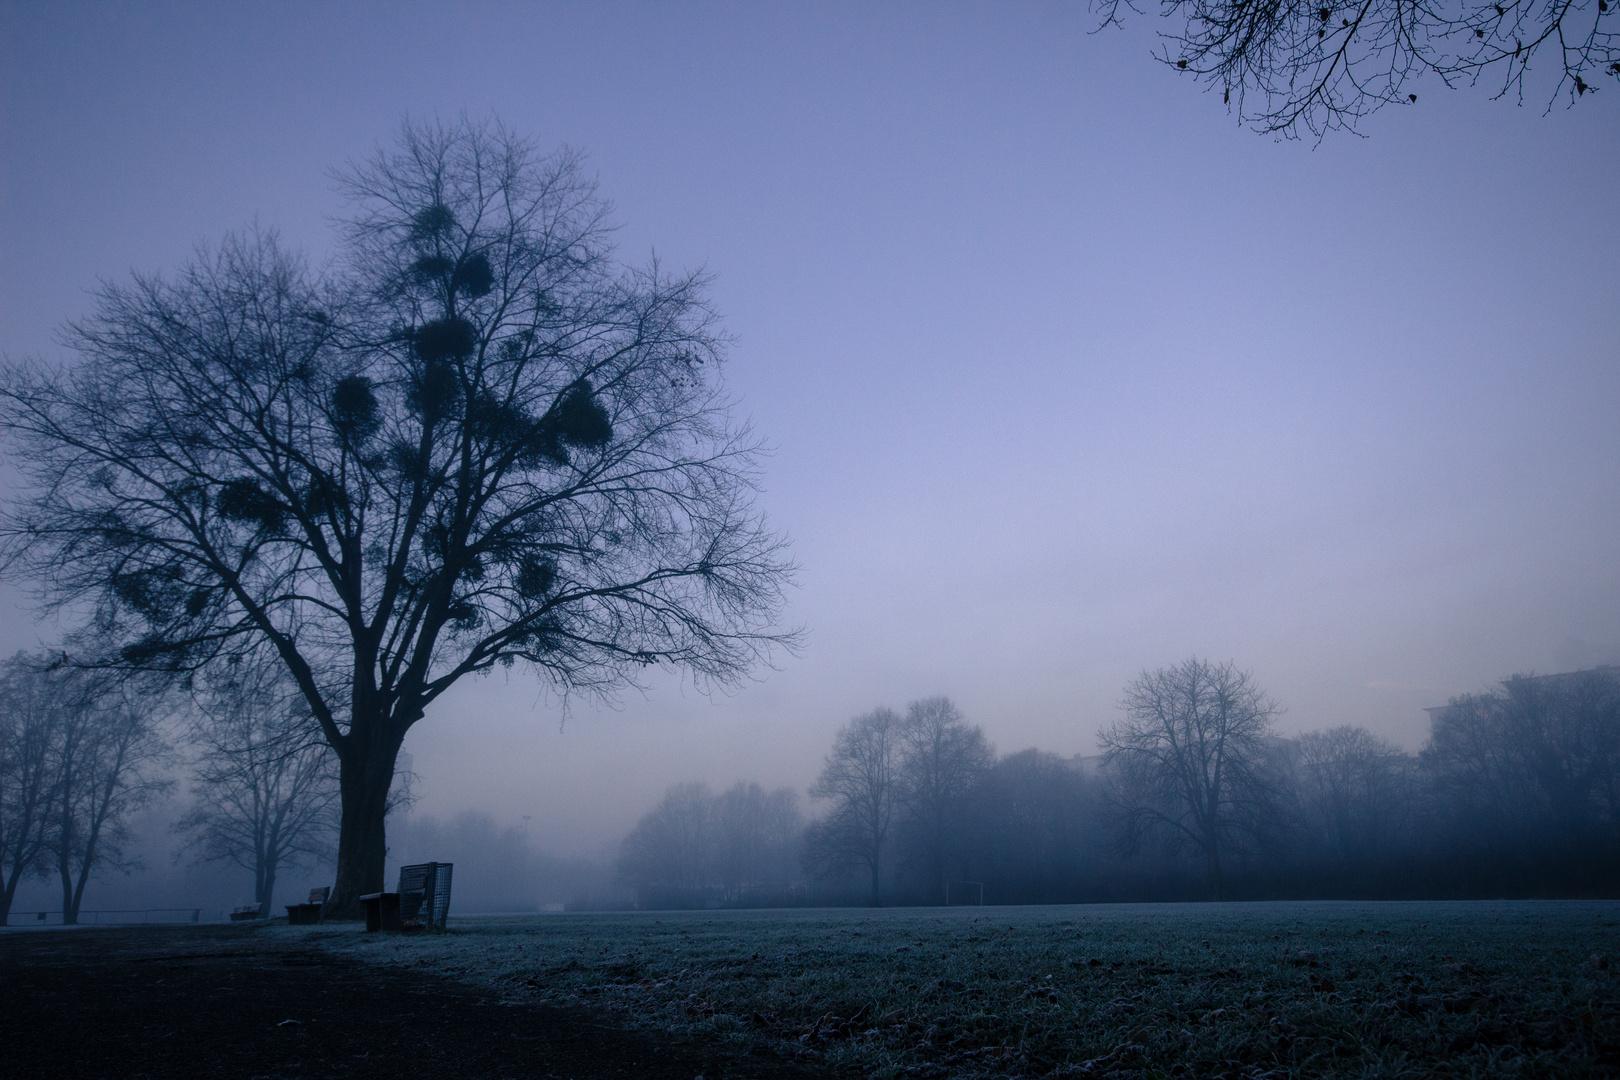 Frostig nebeliger Morgen